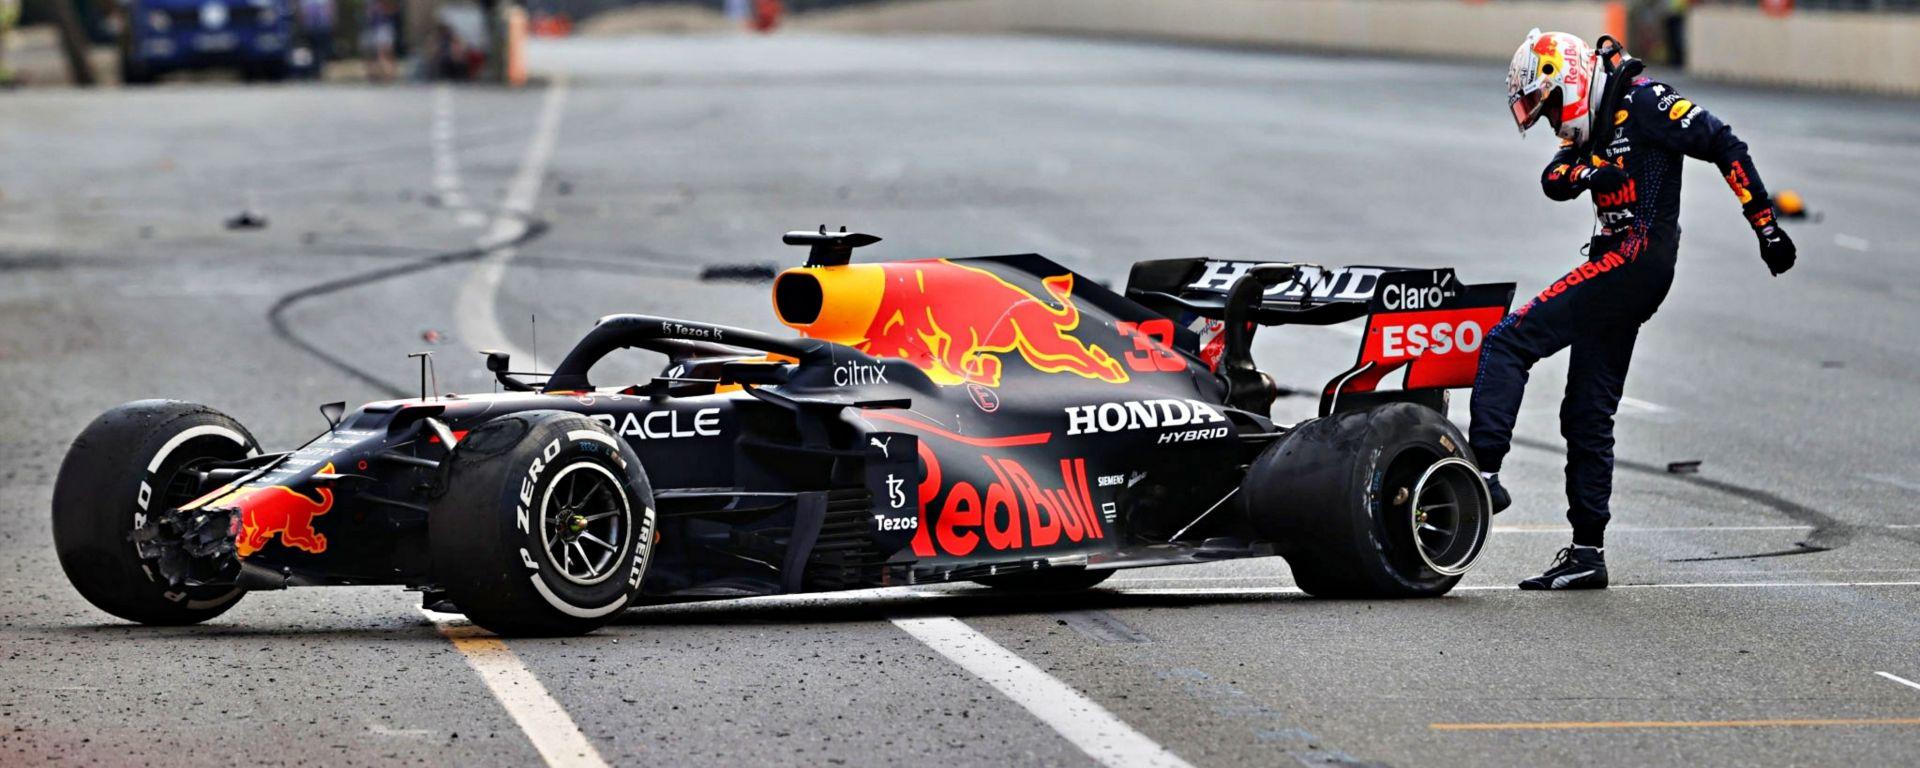 Verstappen, che rabbia! Schianto in rettilineo, sfuma la vittoria - VIDEO